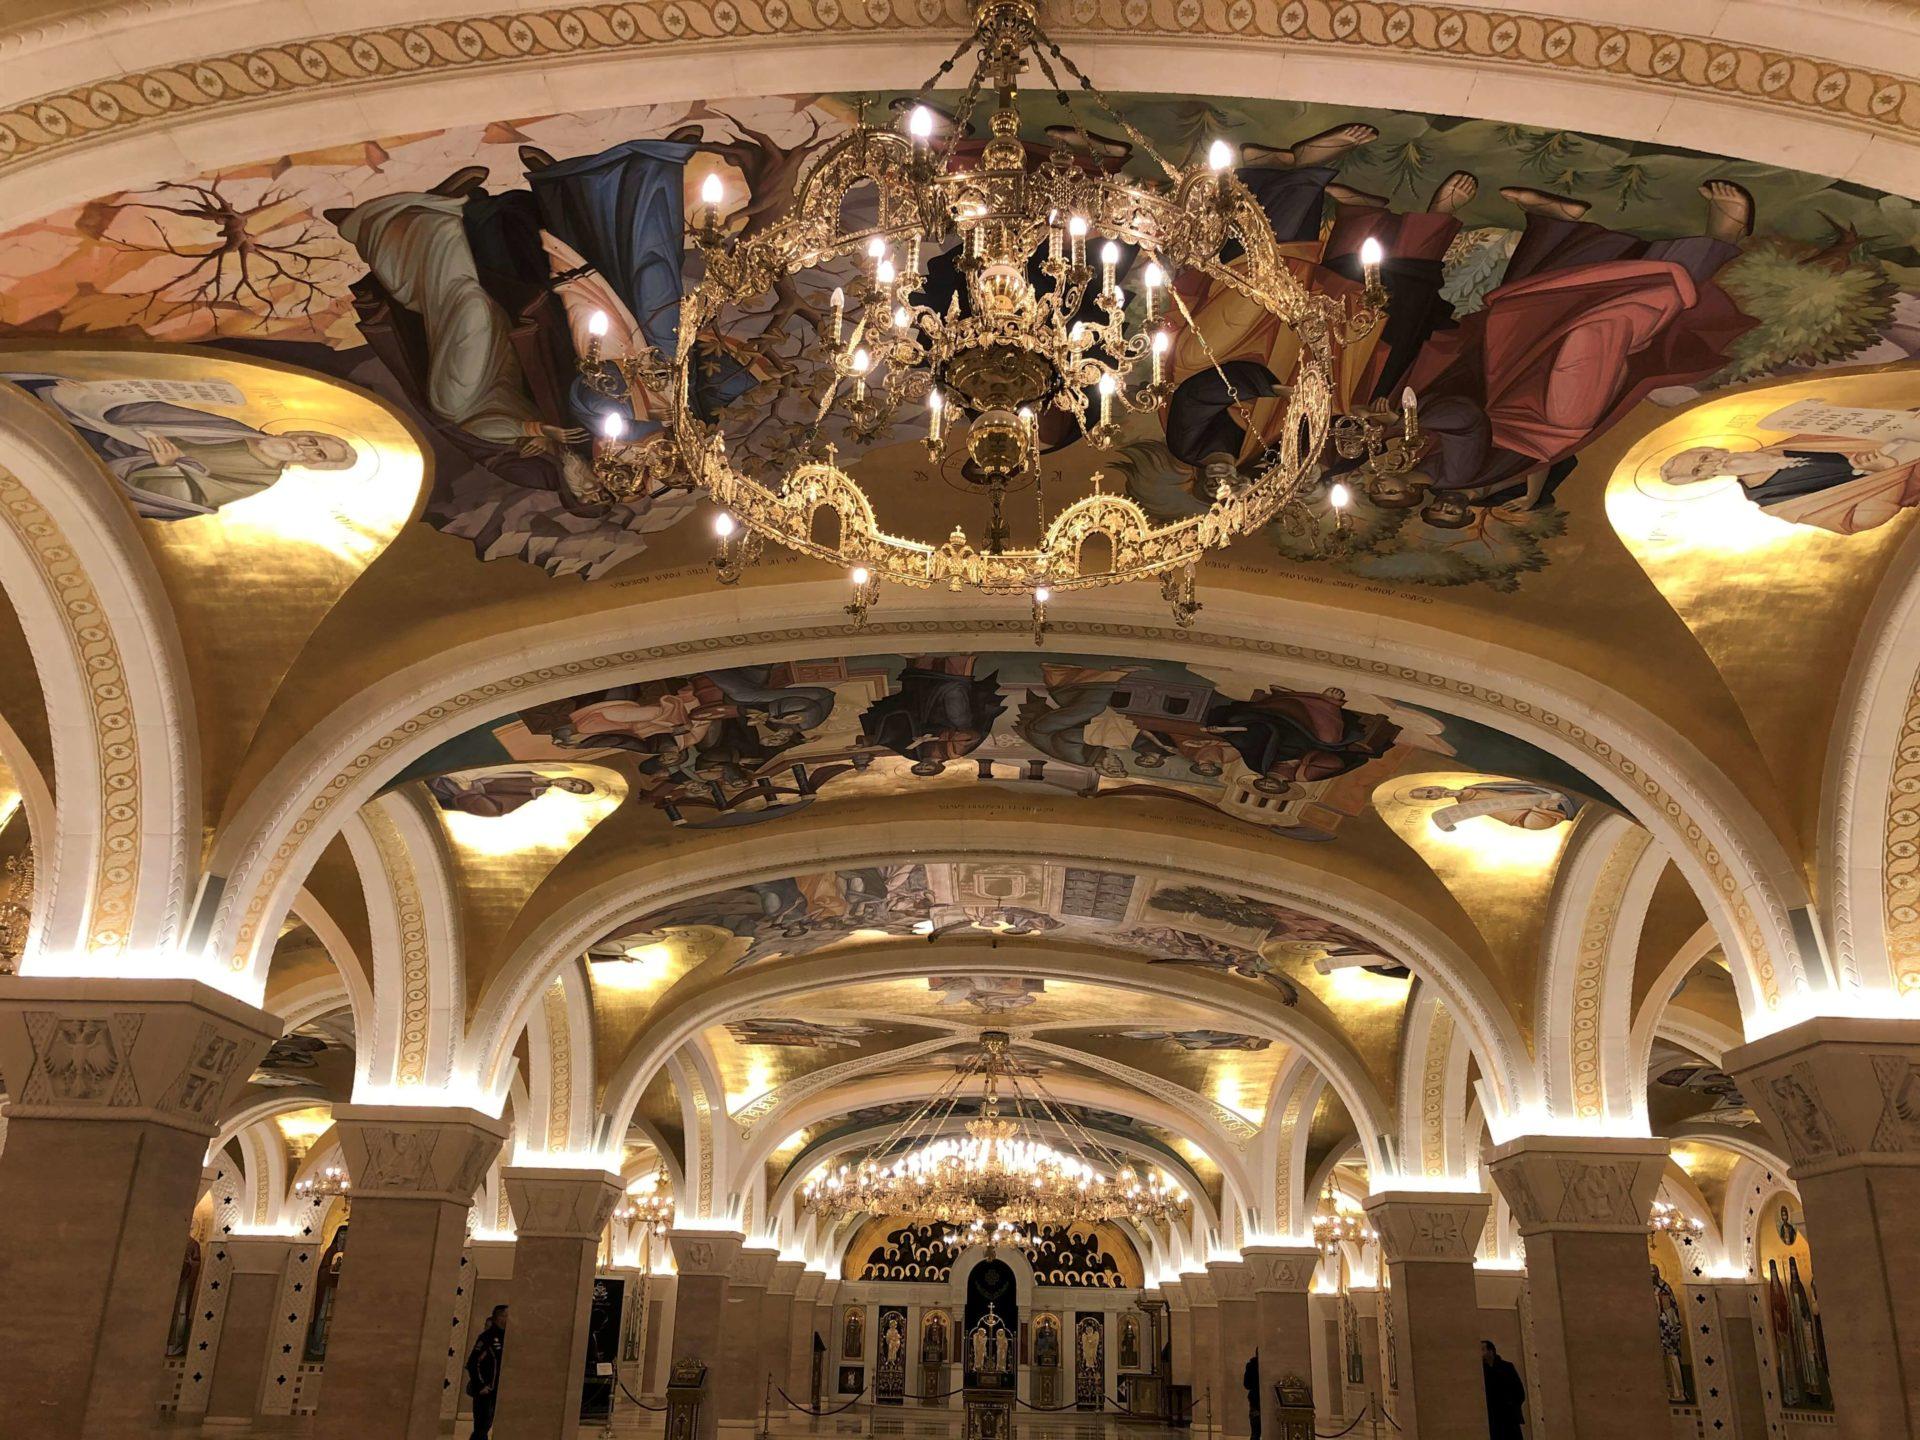 聖サワ大聖堂の天井絵とシャンデリア